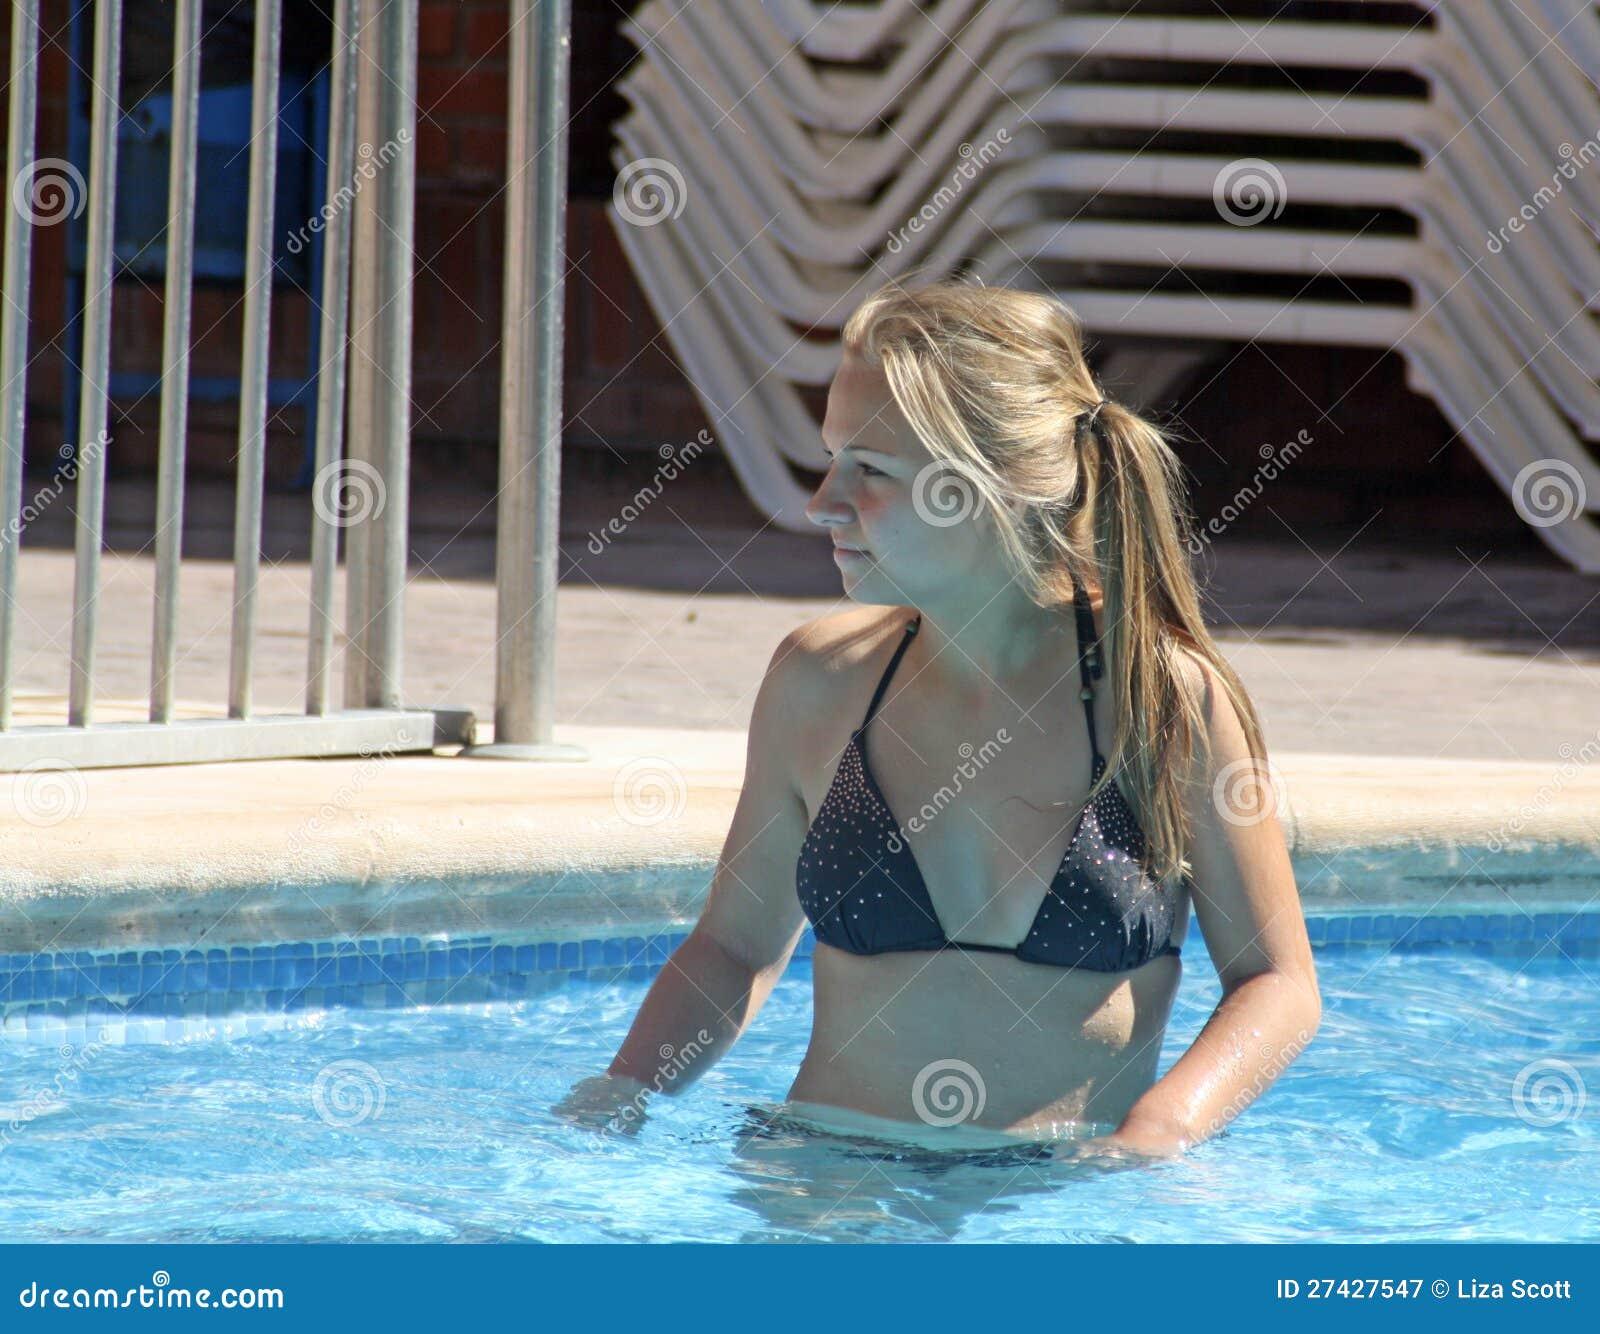 Sophie marceau compl tement nue les photos chocs for Nue a la piscine